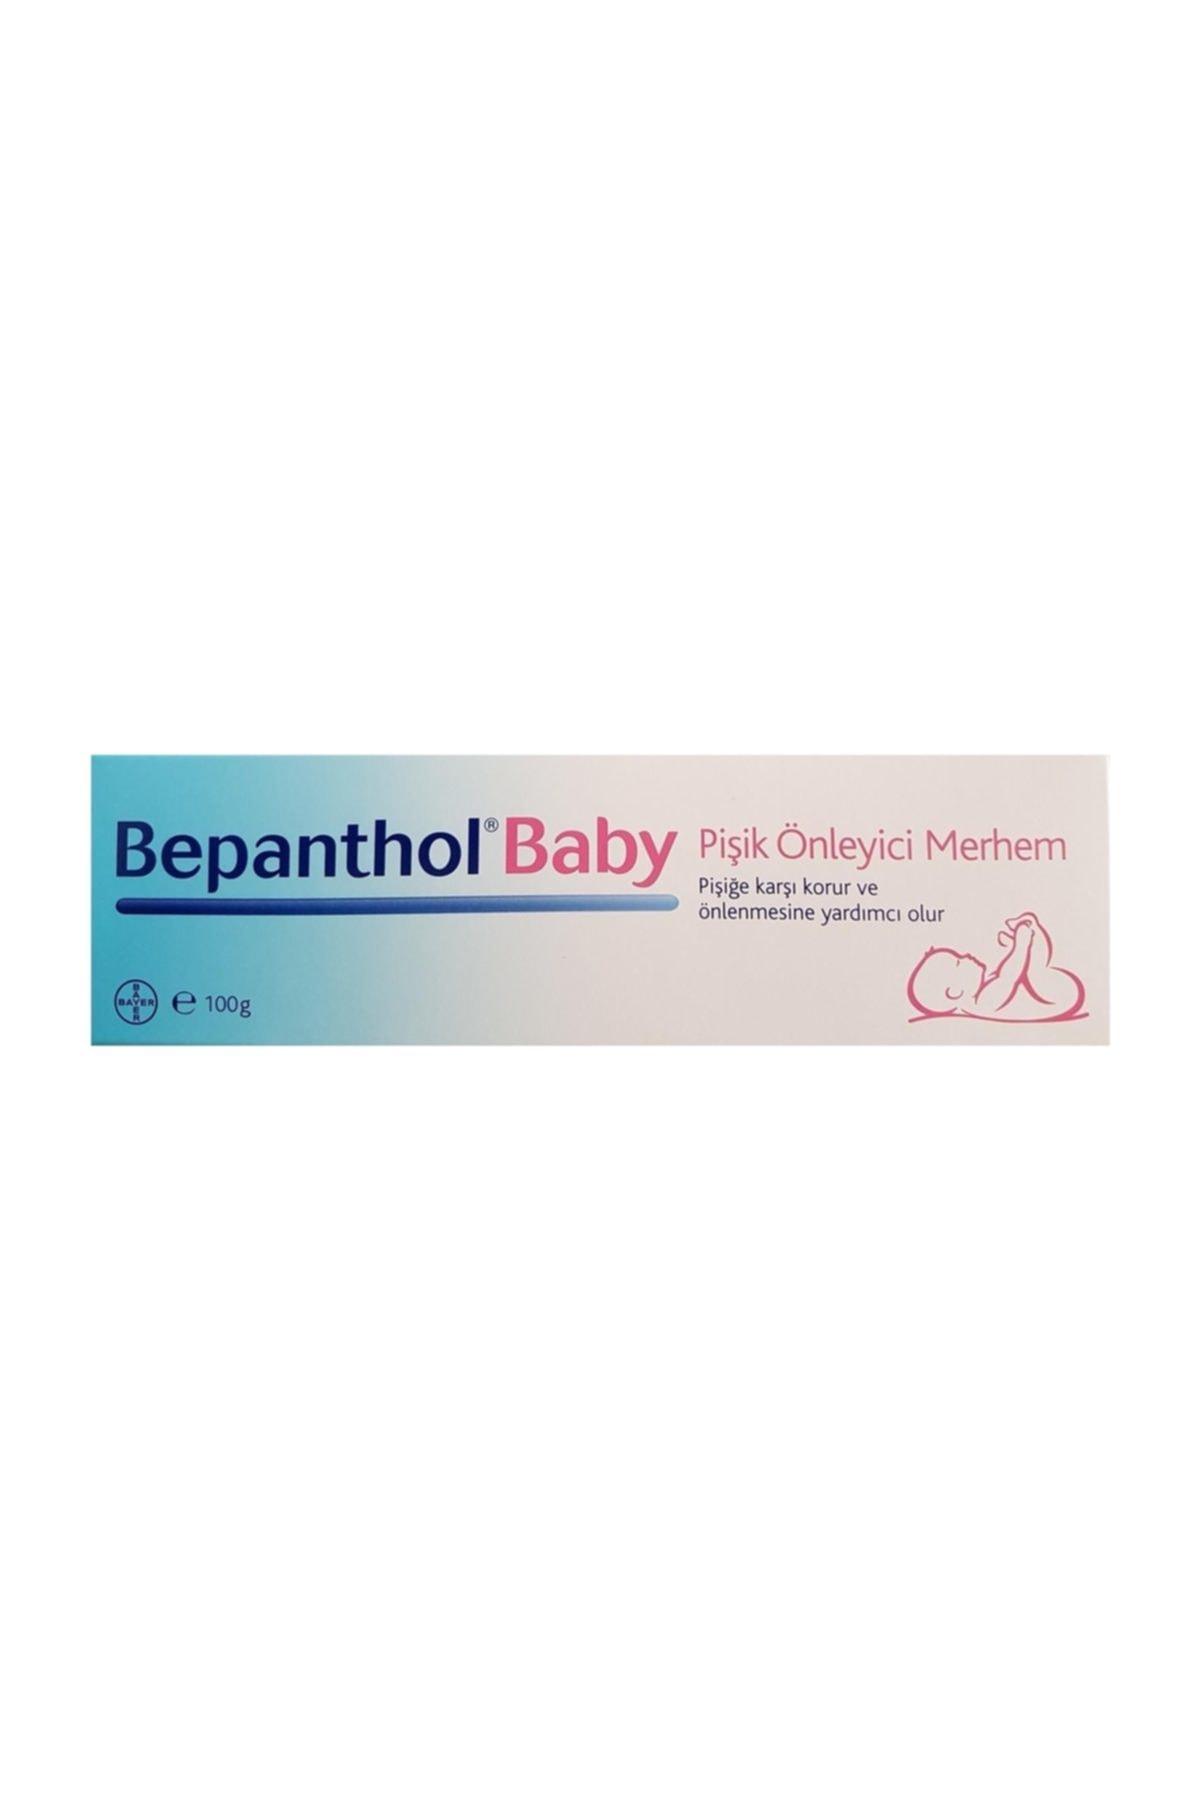 Bepanthol Baby Pişik Önleyici Merhem 100 Gr-4 Adet Skt:03/2021 2